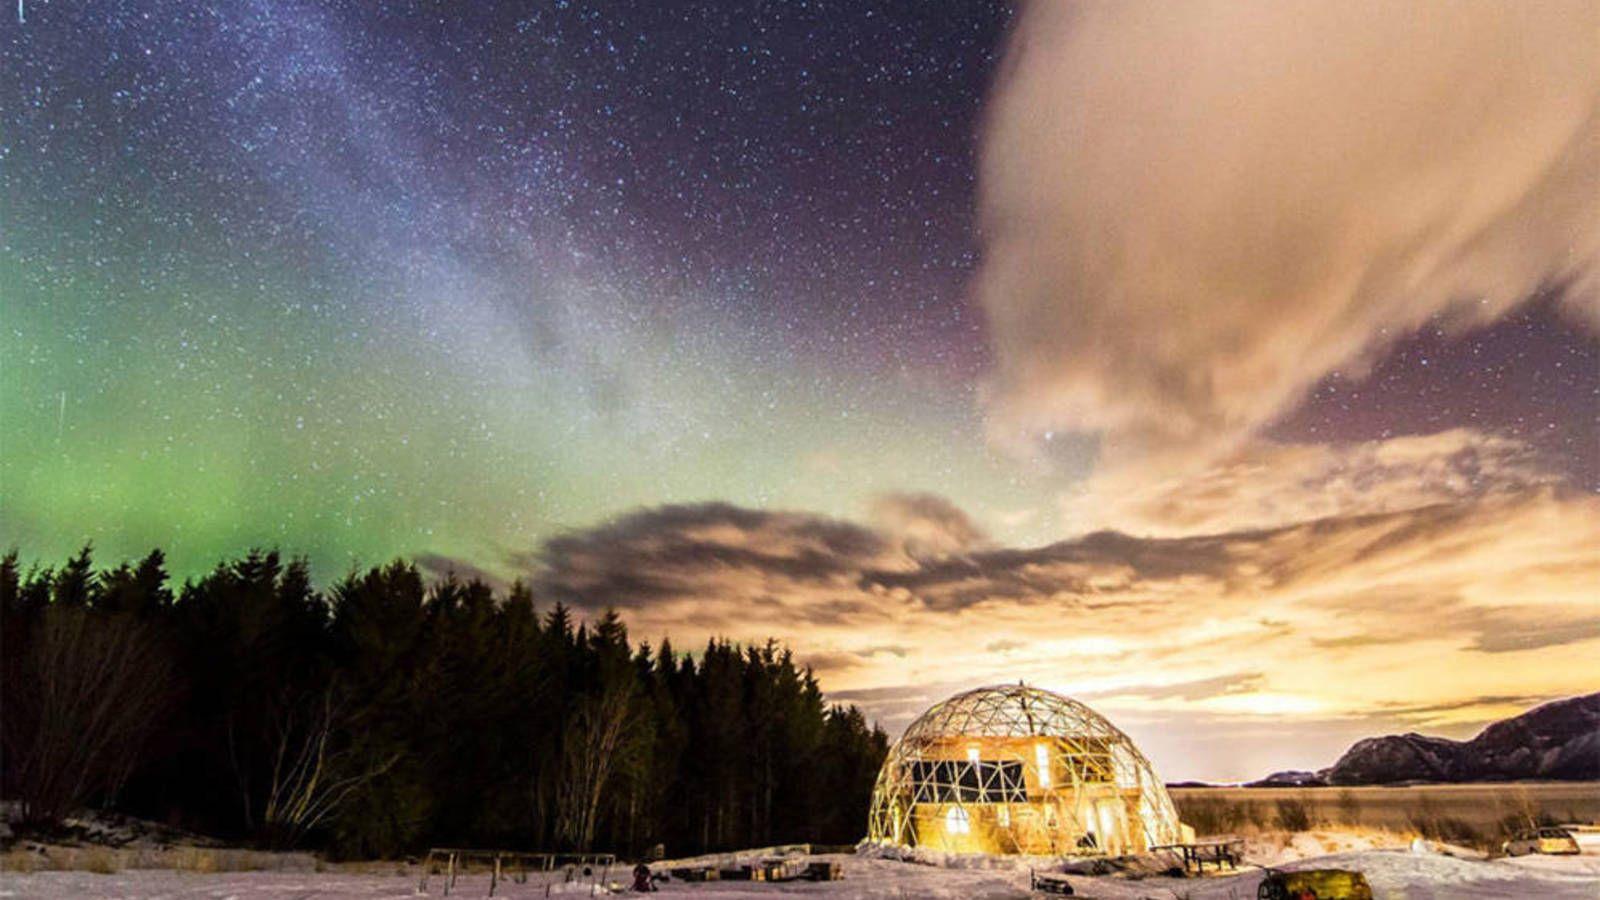 ¿Cómo vive una familia en el Círculo Polar Ártico en una casa con una cúpula geodésica solar?. Fotogalerías de Sociedad. Llevan tres años viviendo la aventura más emocionante de sus vidas: vivir en el Círculo Polar Ártico. Se trata de la familia Hjertefølger. Han elegido una